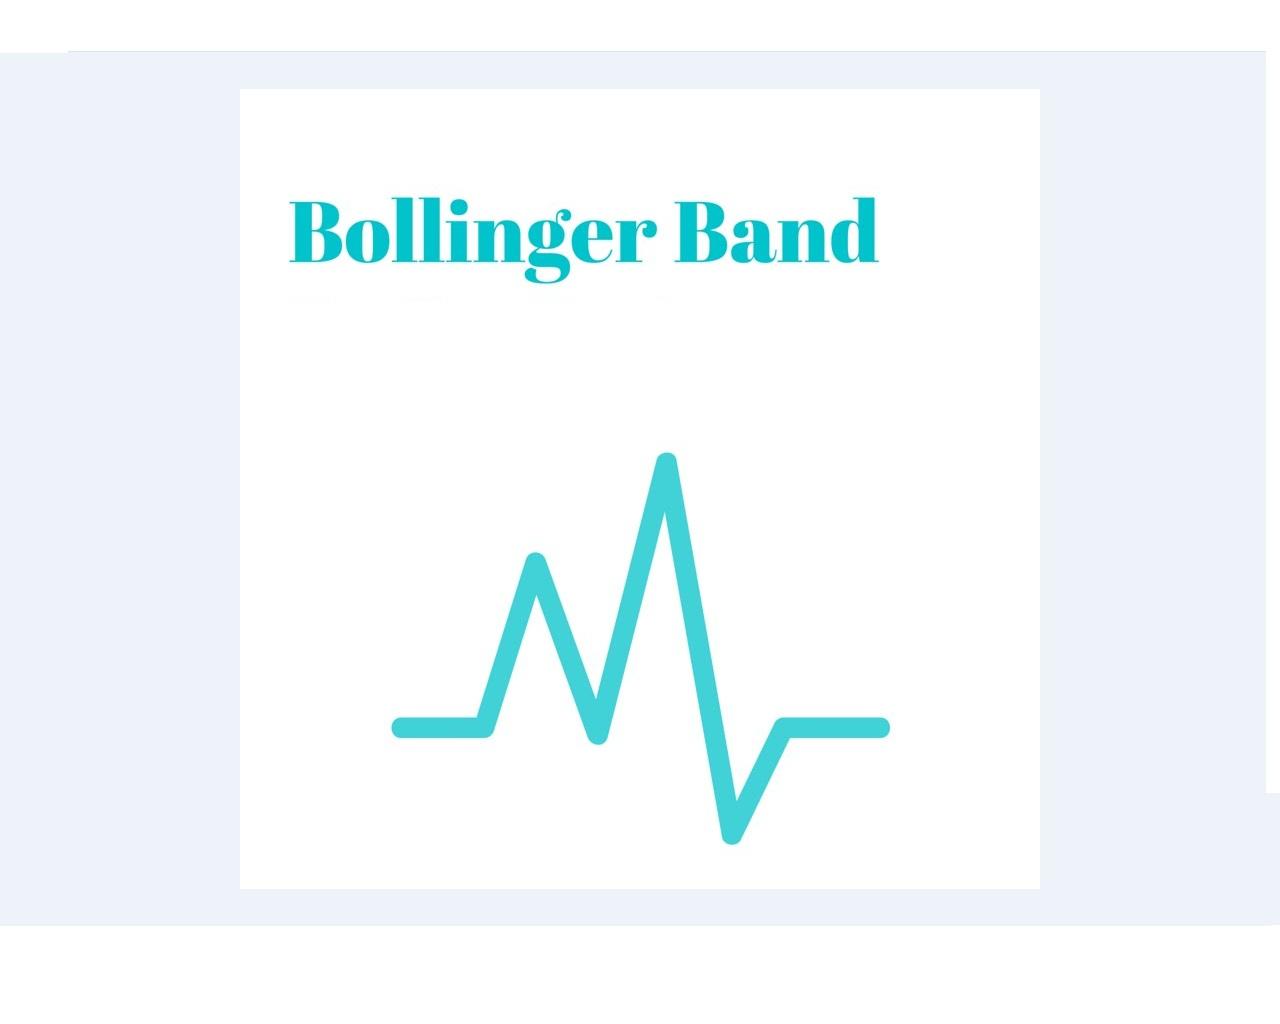 شرح مؤشر بولينجر باند